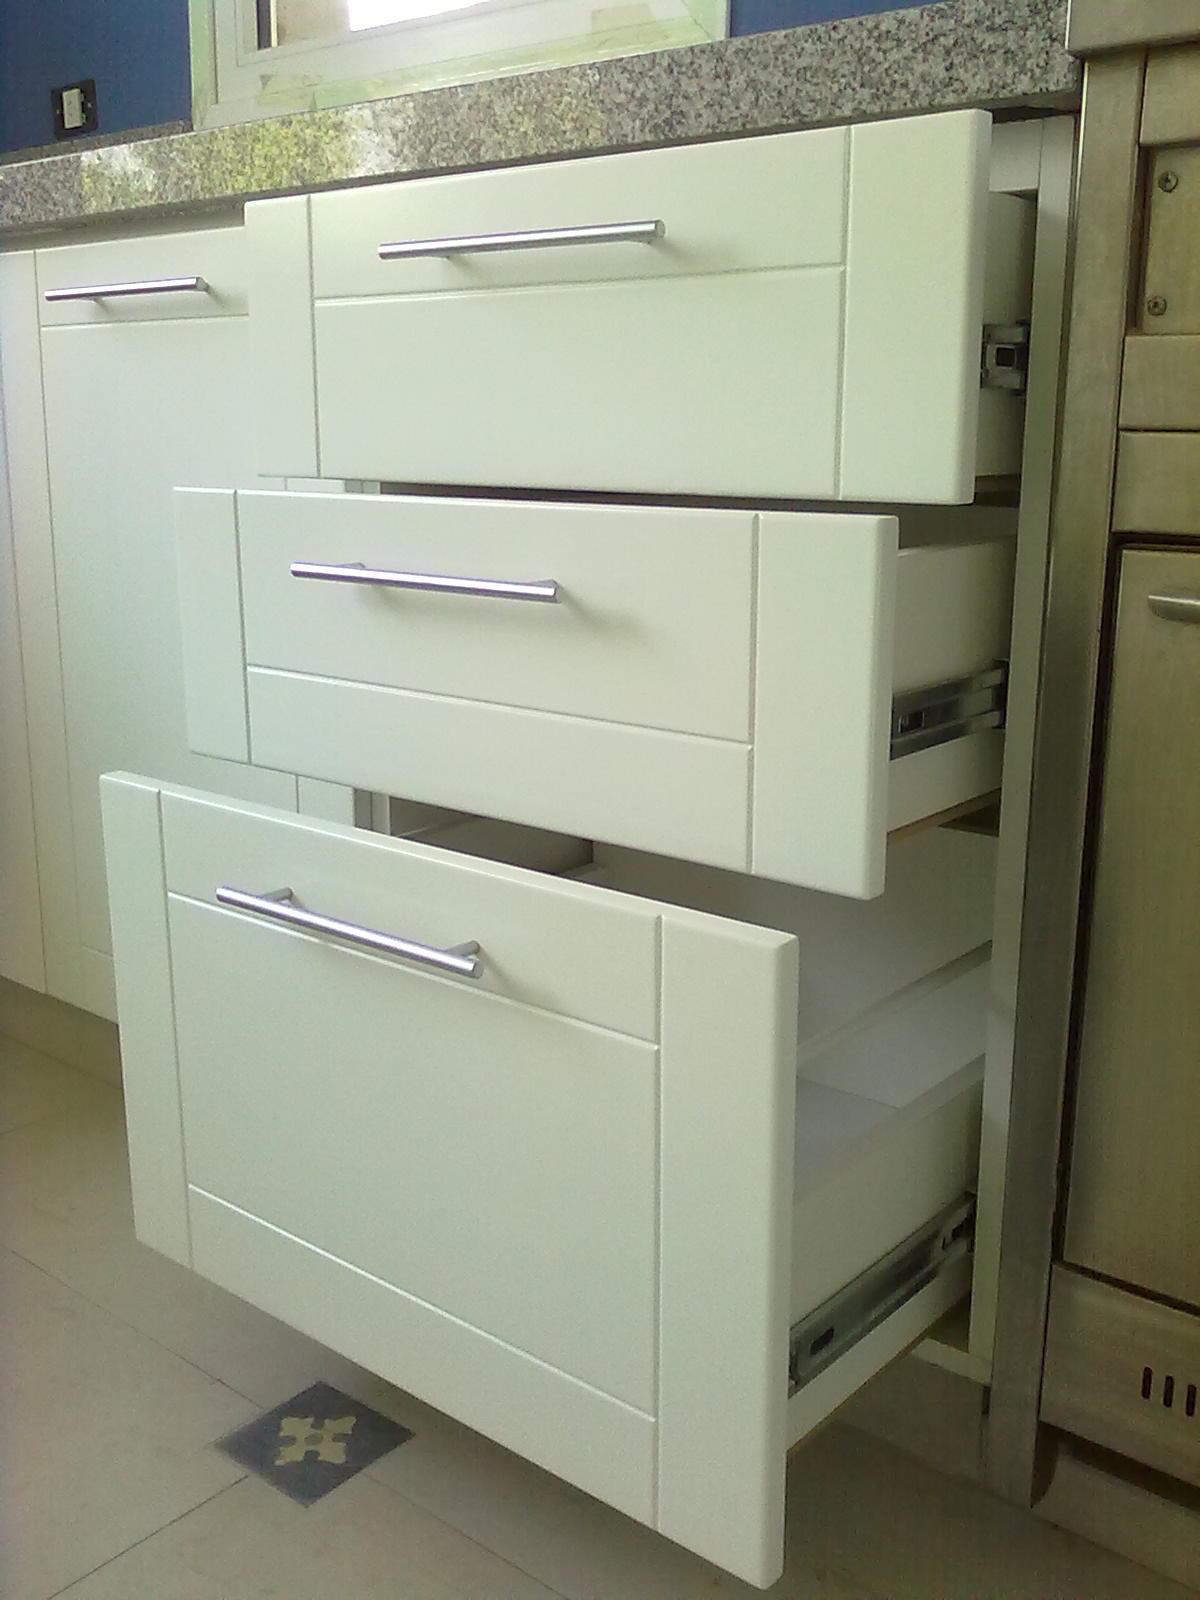 Muebles a medida tandil amoblamiento cocina laqueado blanco - Muebles de cocina blanco ...